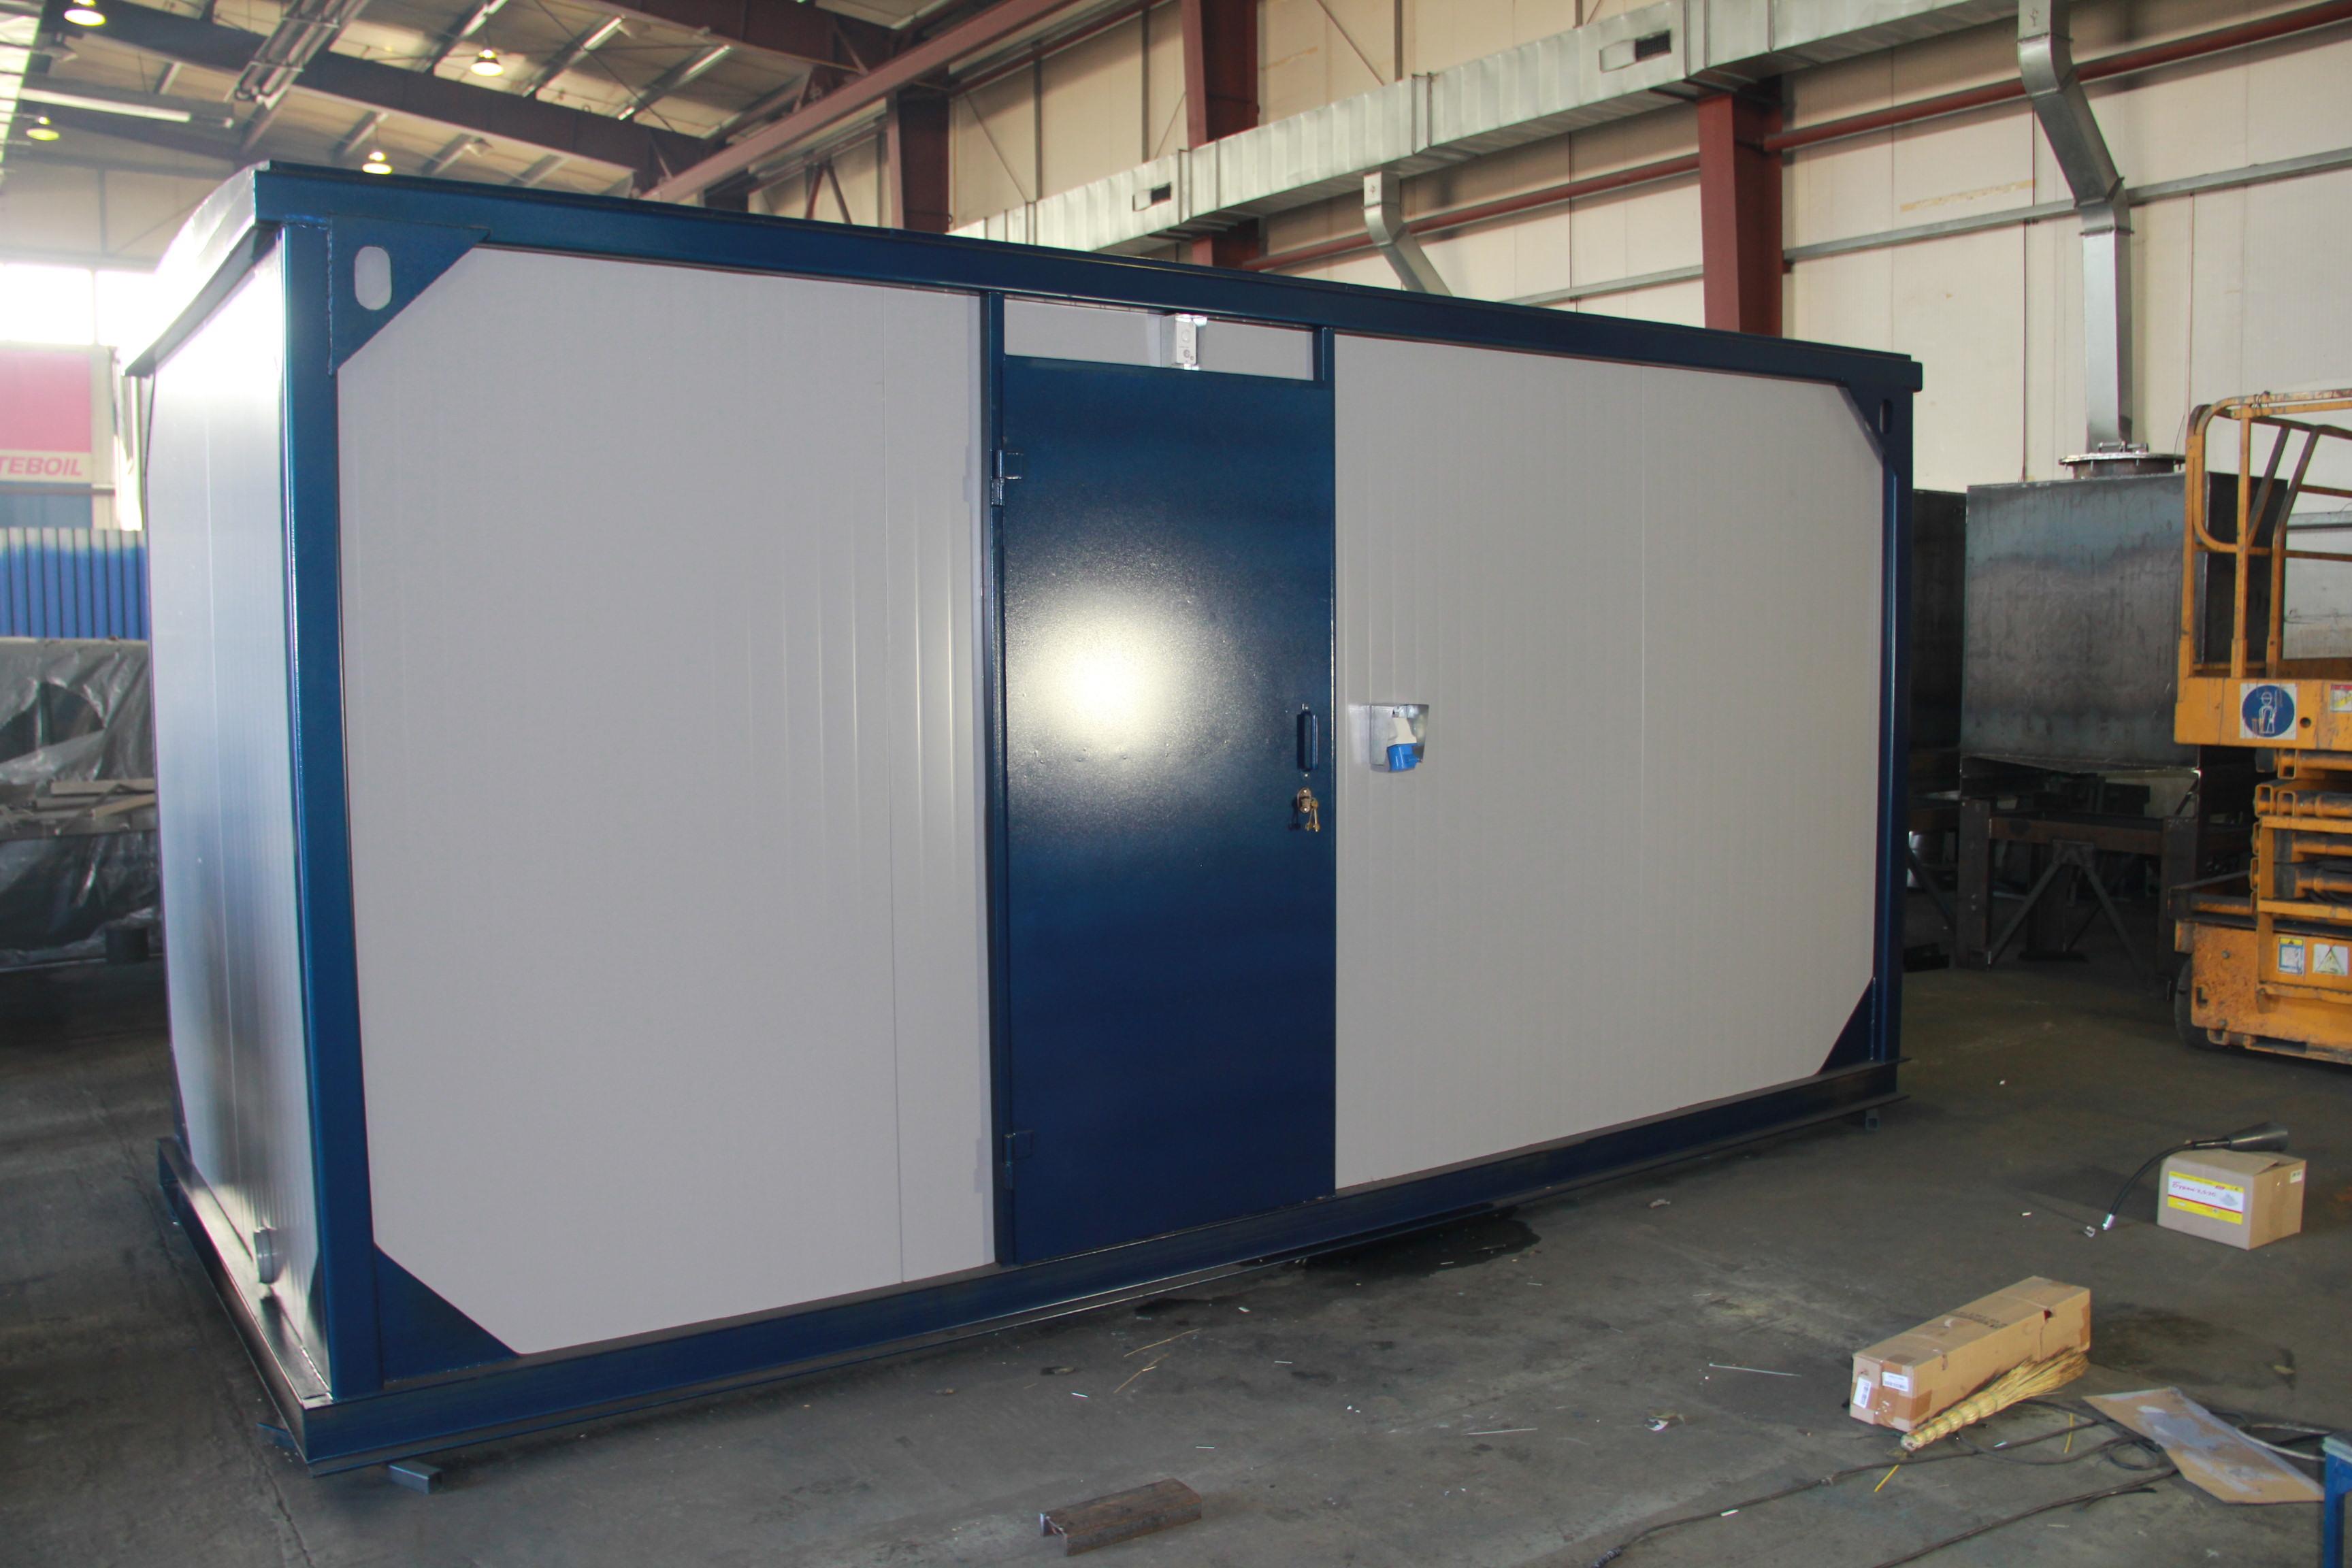 Внешний вид IVECO АД-320С-Т400-1РНИ в контейнере